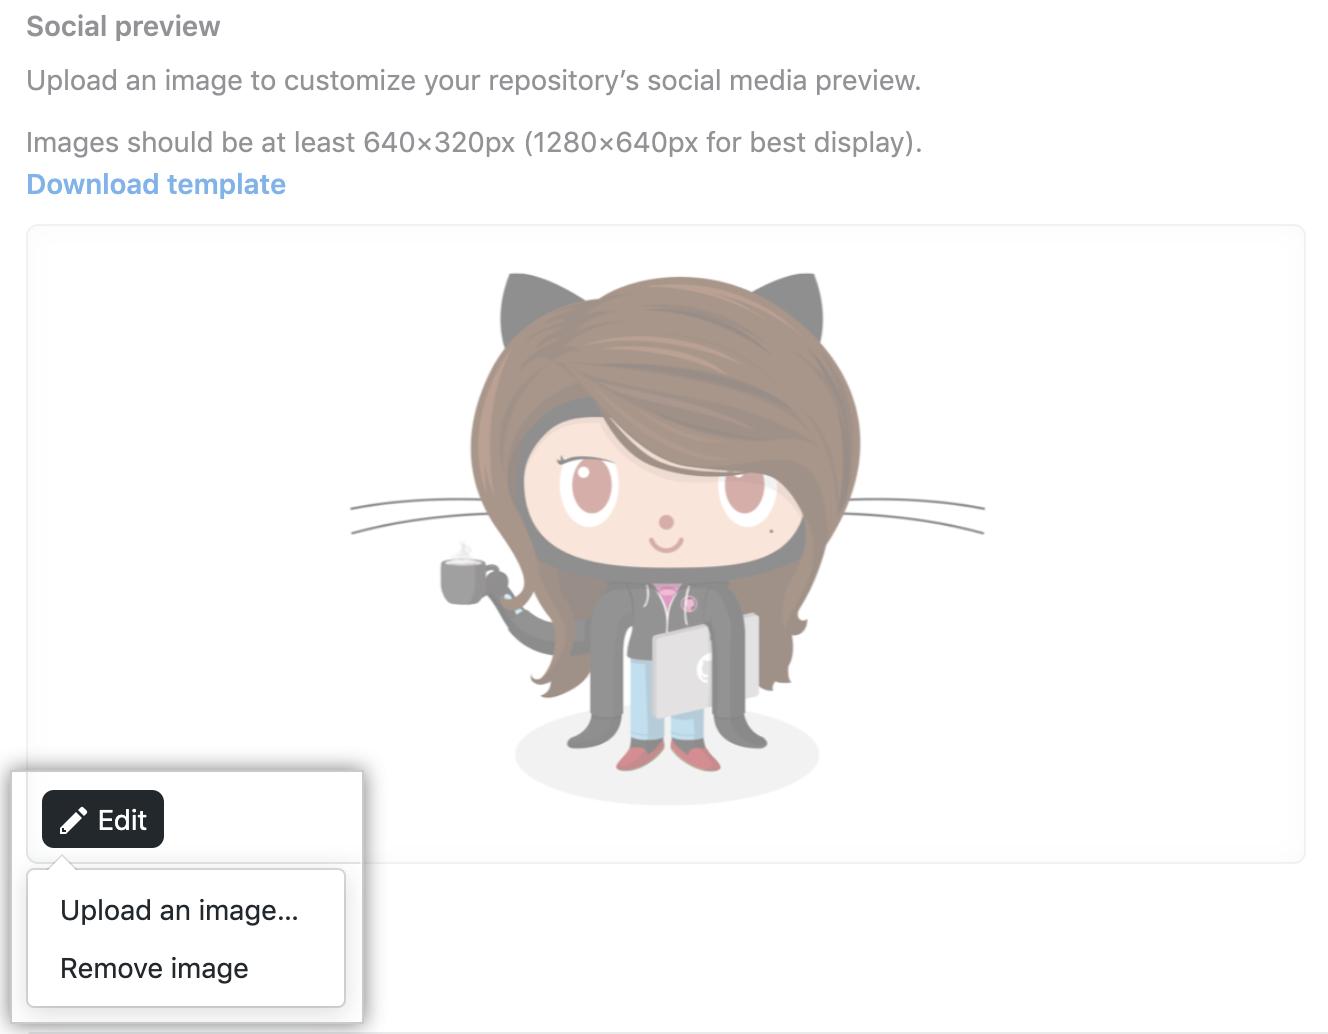 Menu suspenso Social preview (Visualização social)